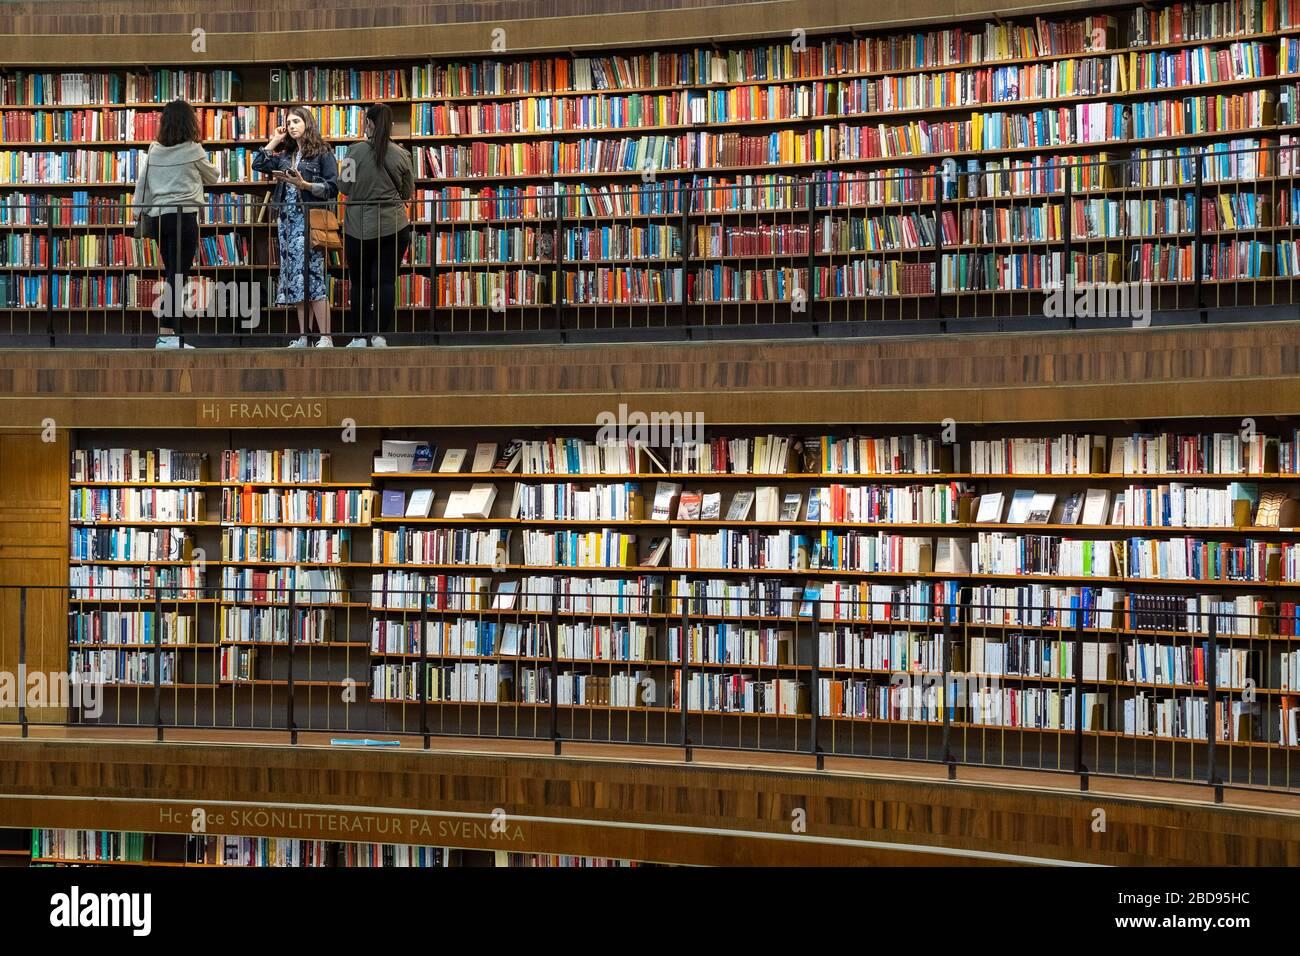 Öffentliches Bücherregal Stockfotos und  bilder Kaufen   Alamy